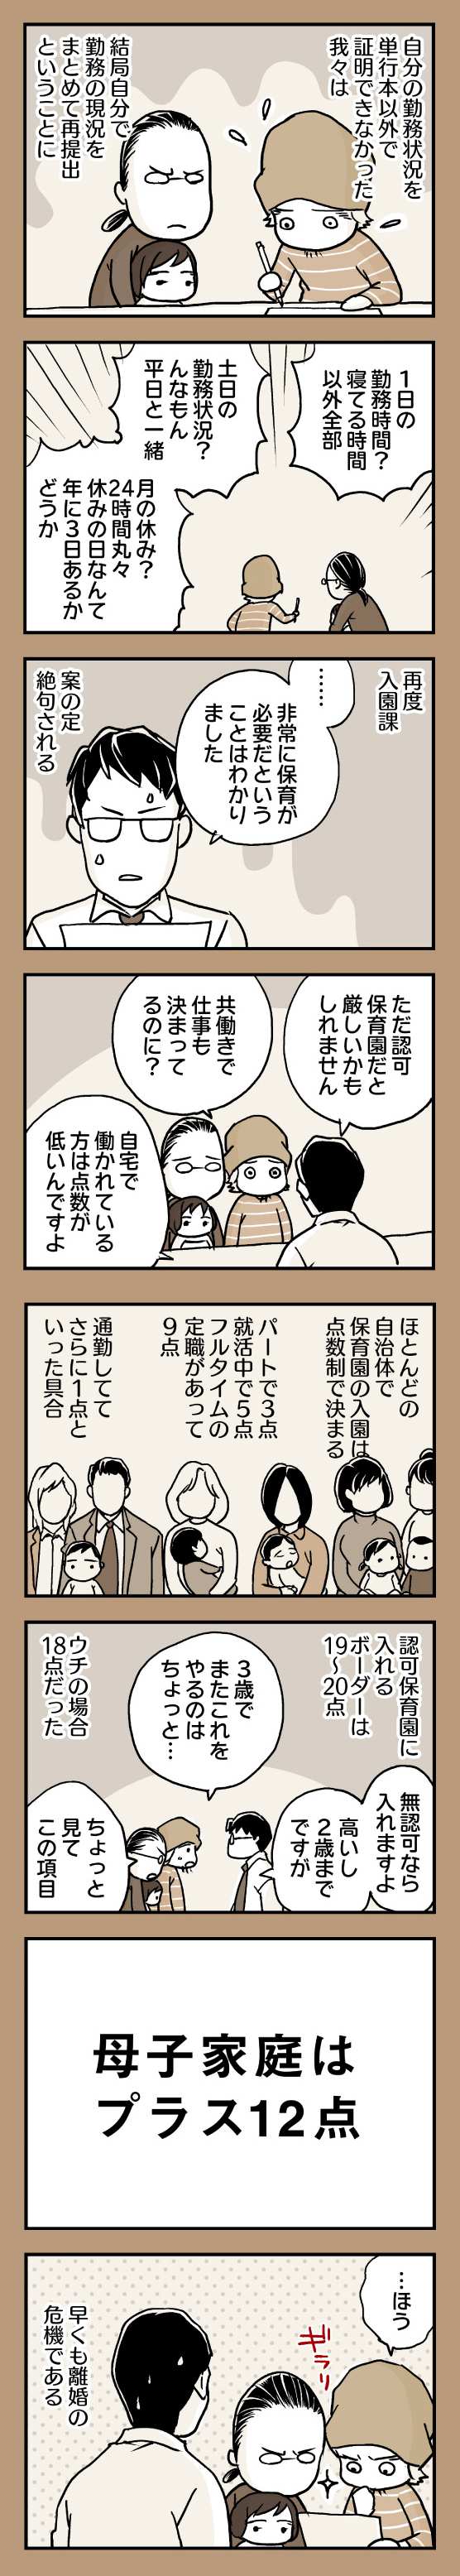 re2ニブンノイクジ_30